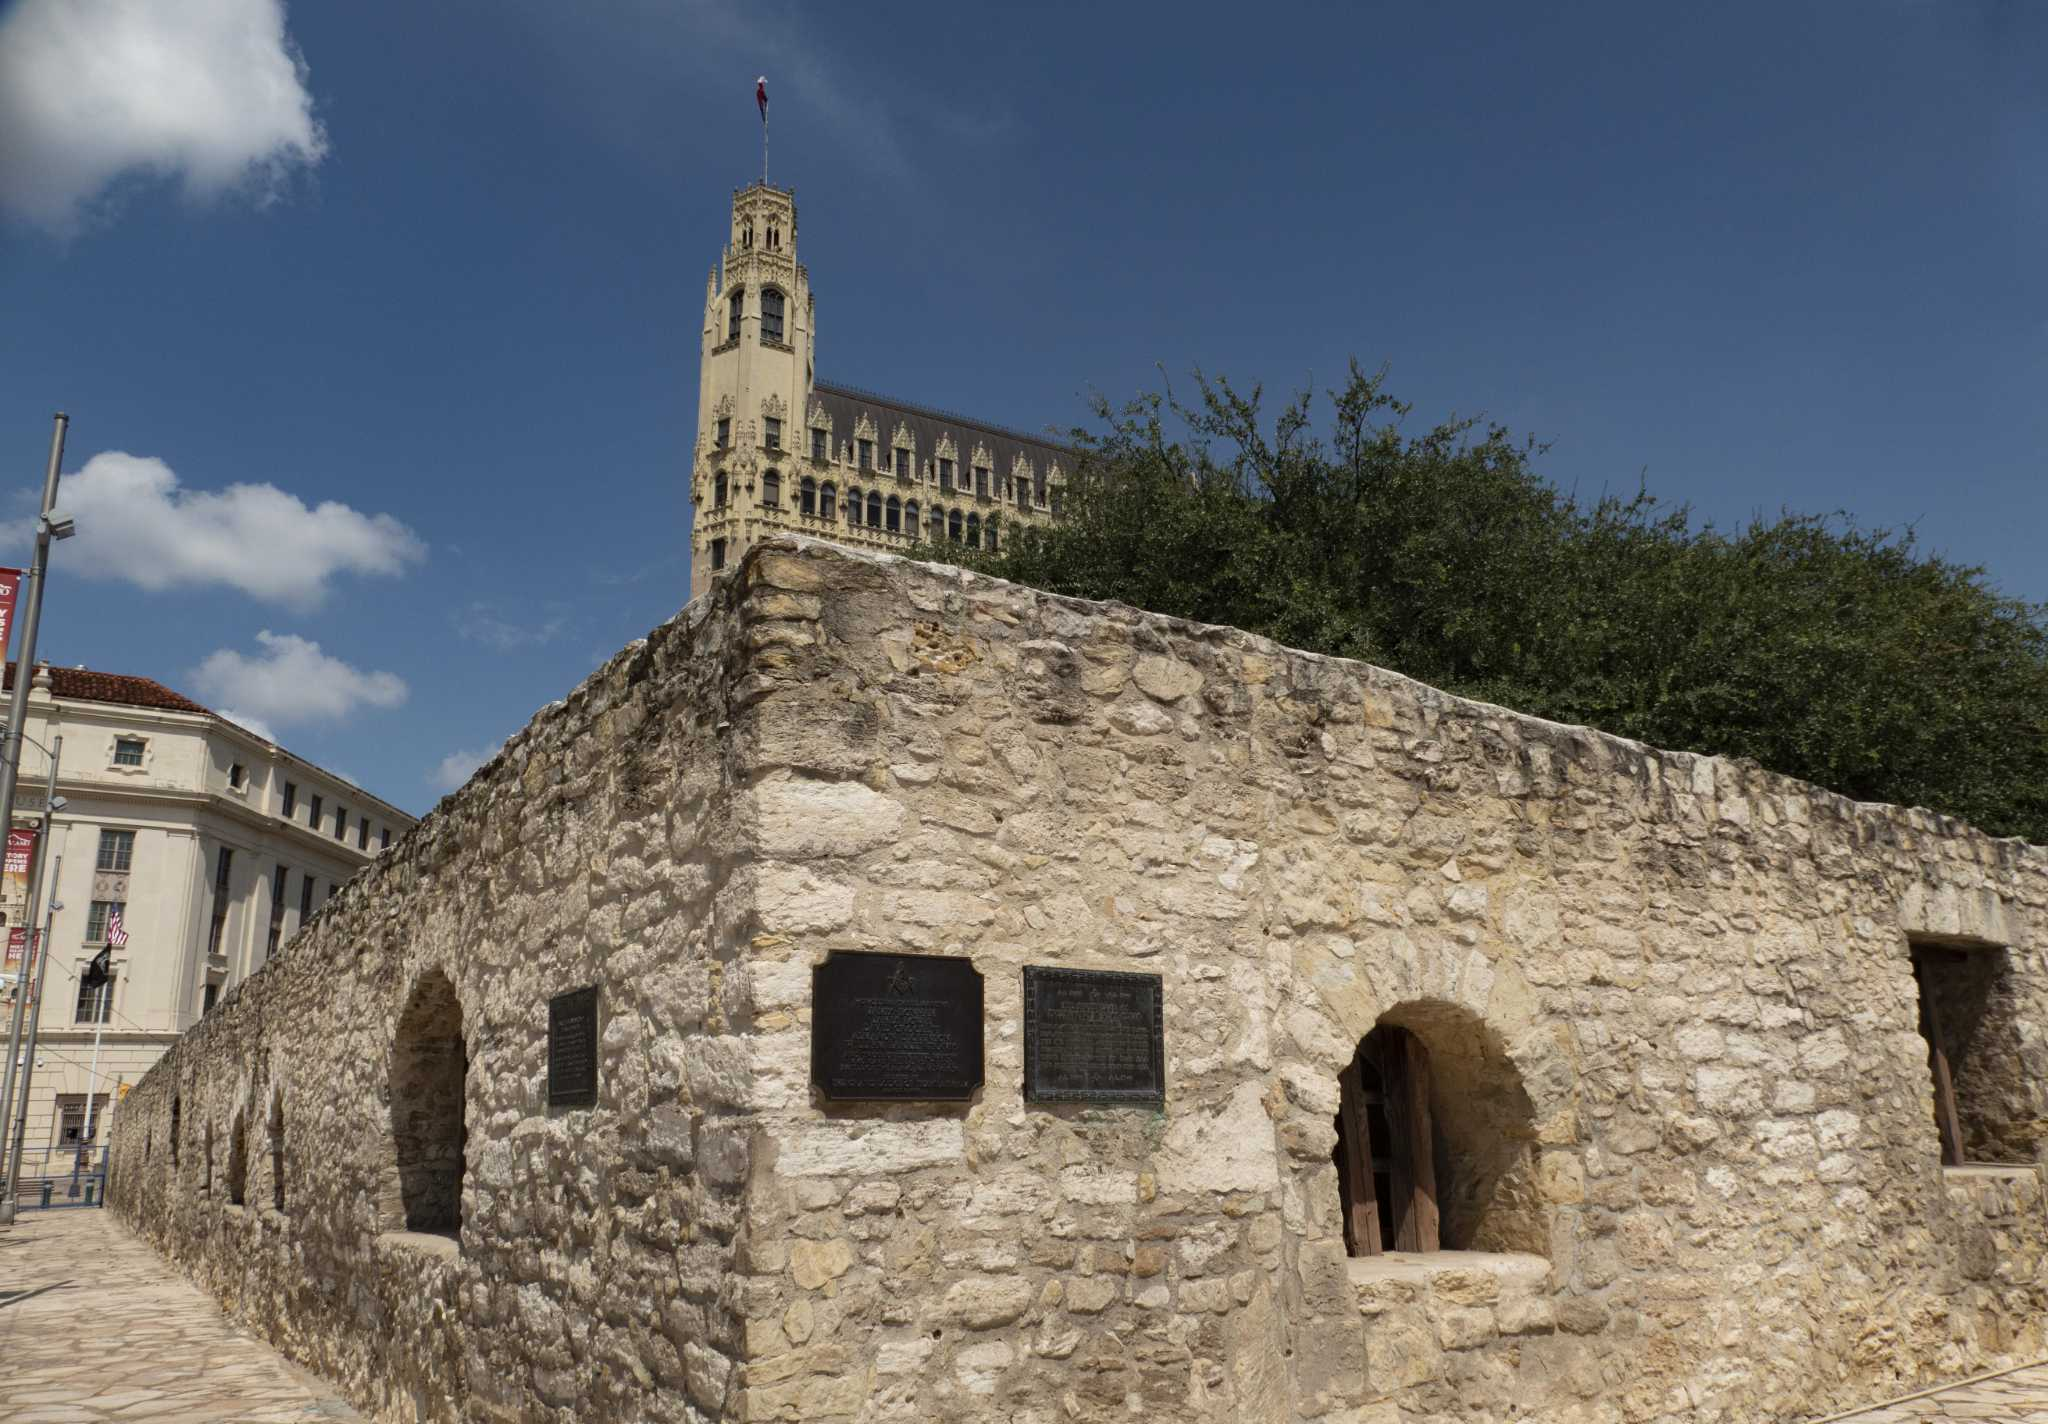 Ruins of the church of the Alamo,San Antonio,Bexar County,Texas,TX,exterior